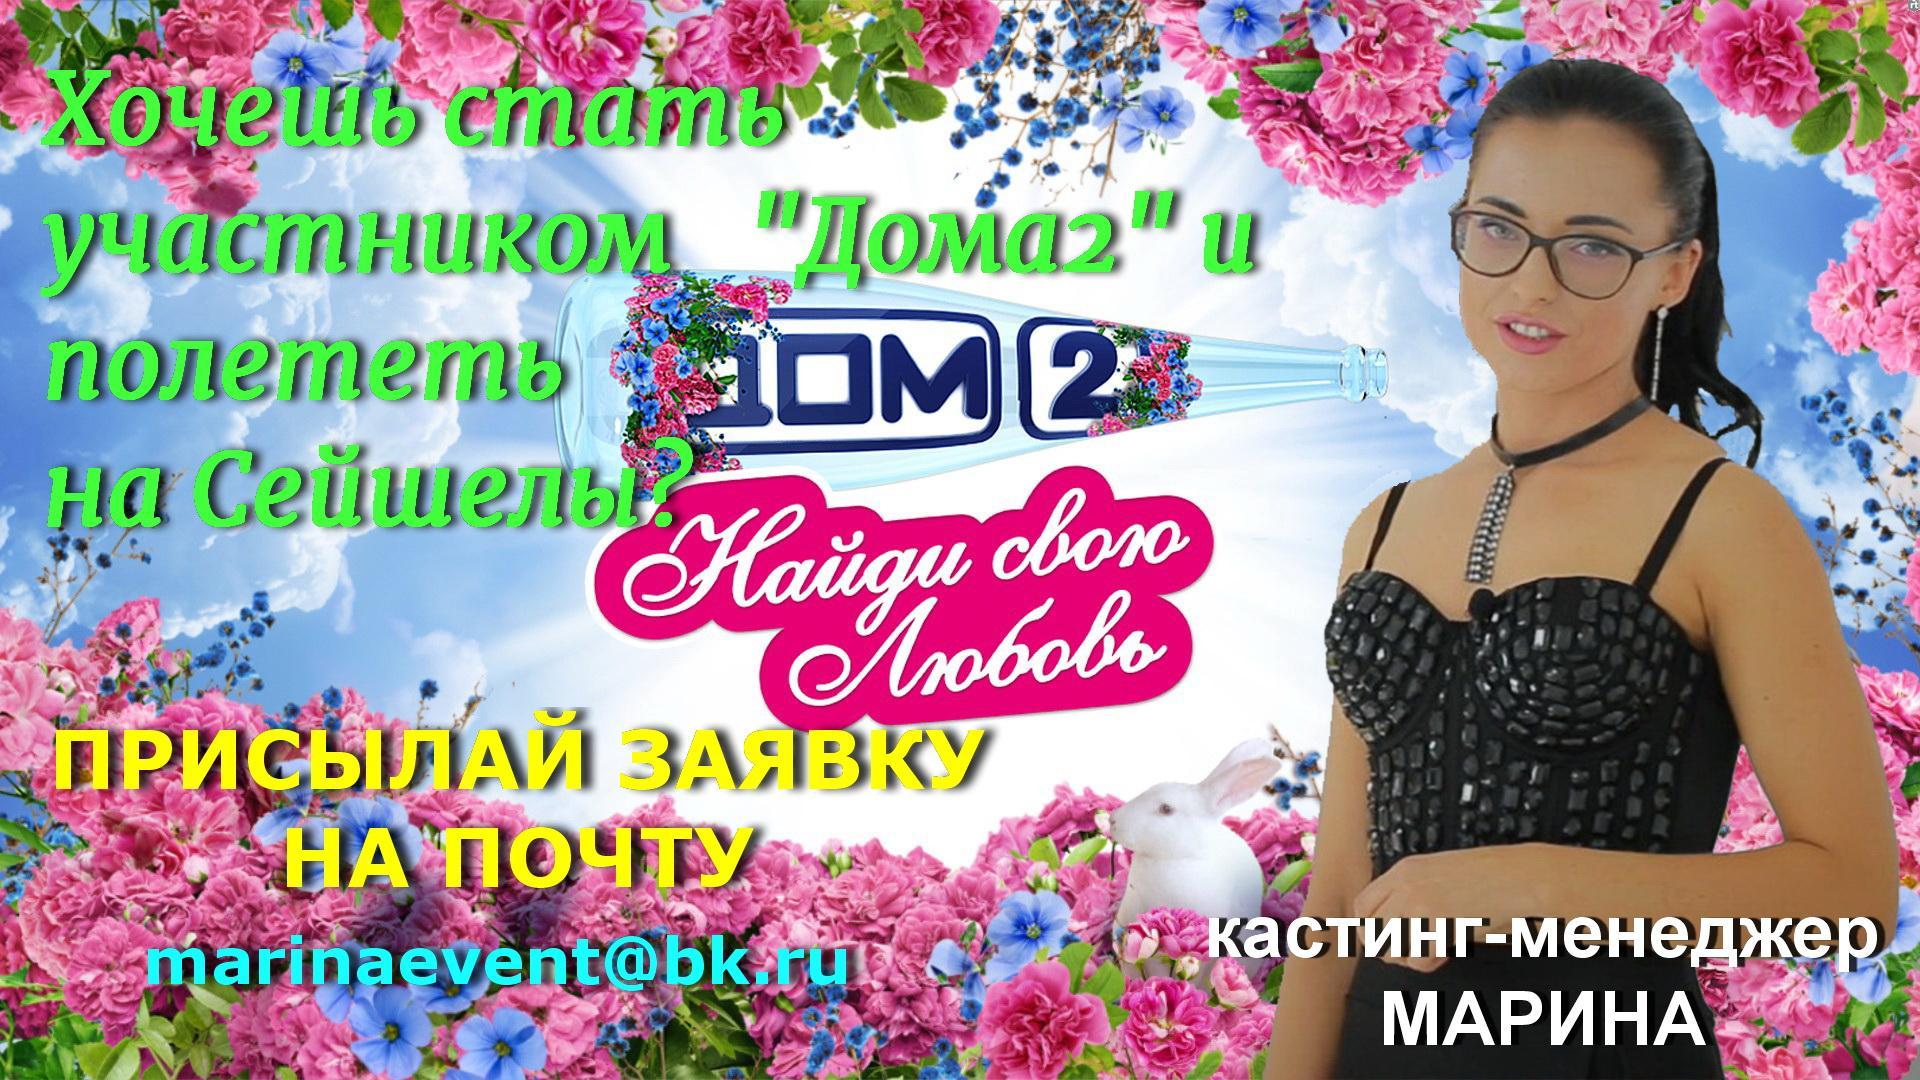 """Участие в самом успешном и популярном шоу - """"ДОМ-2""""!"""